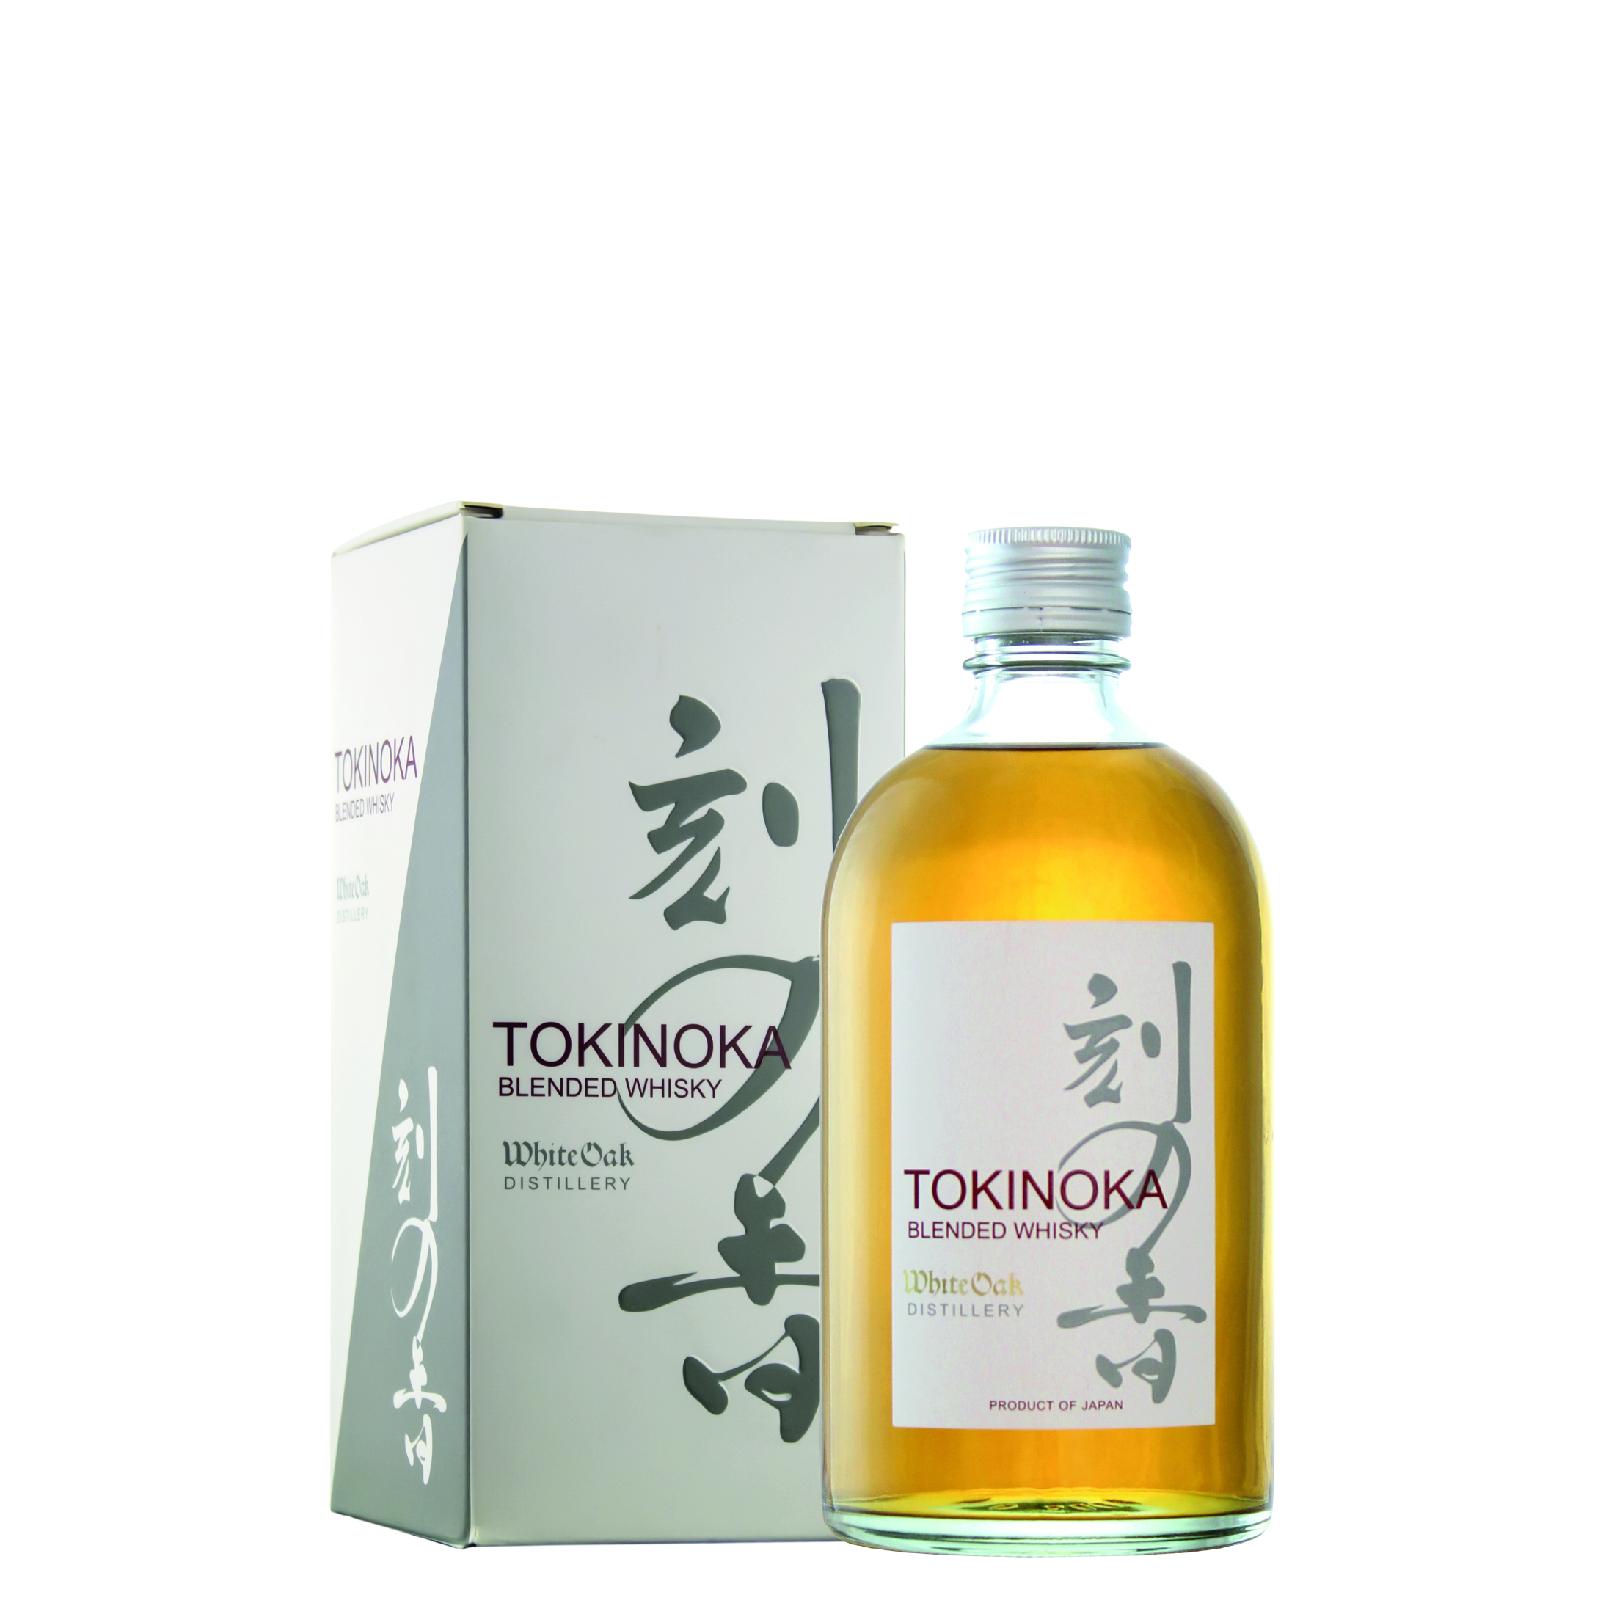 Tokinoka Whisky